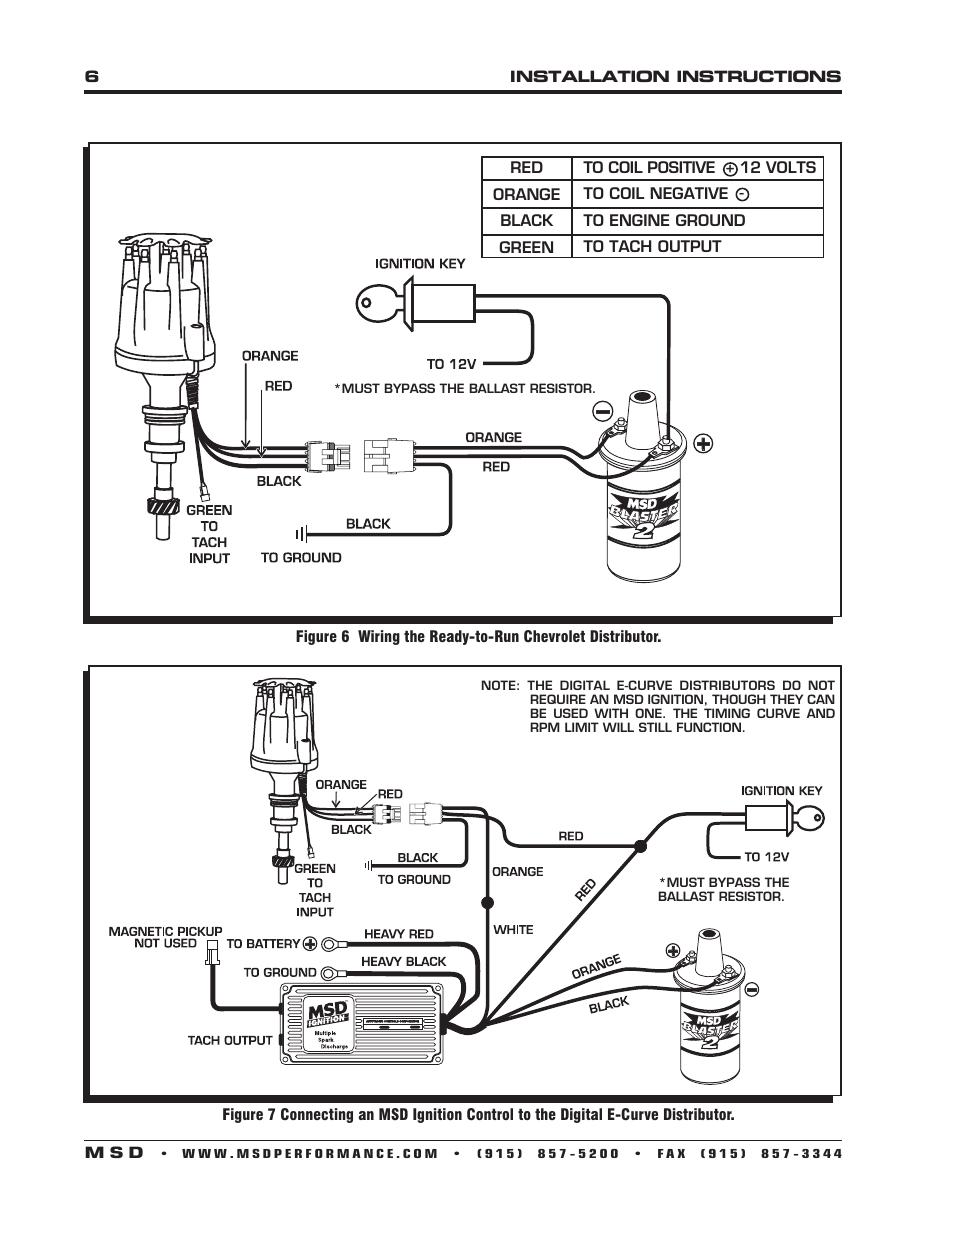 Strange Msd 8360 Wiring Diagram Basic Electronics Wiring Diagram Wiring 101 Ferenstreekradiomeanderfmnl